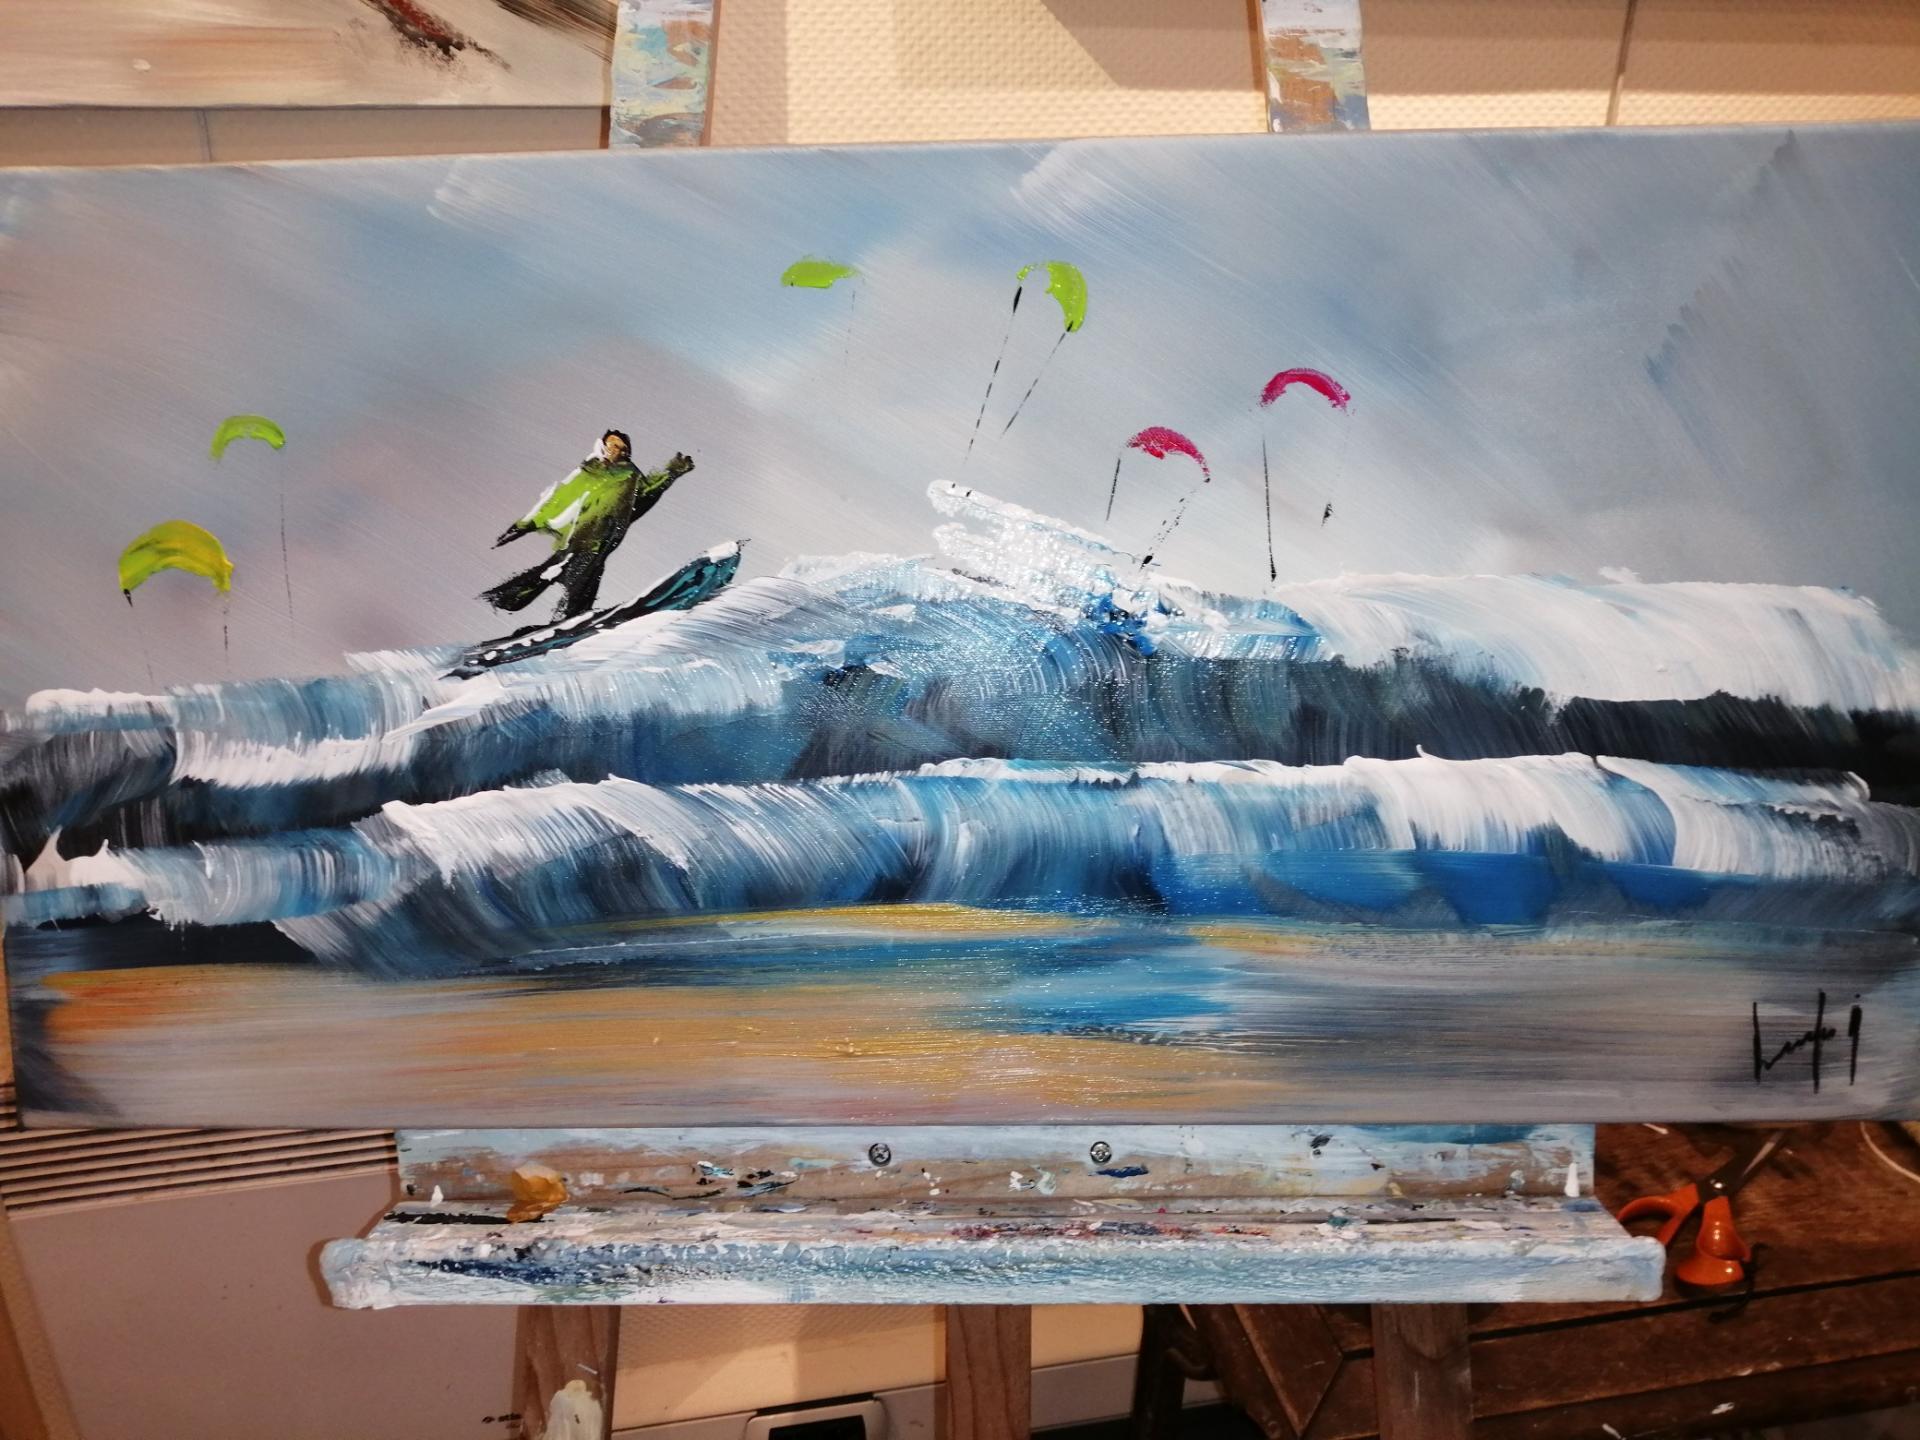 PARTIE DE SURF A WIMEREUX